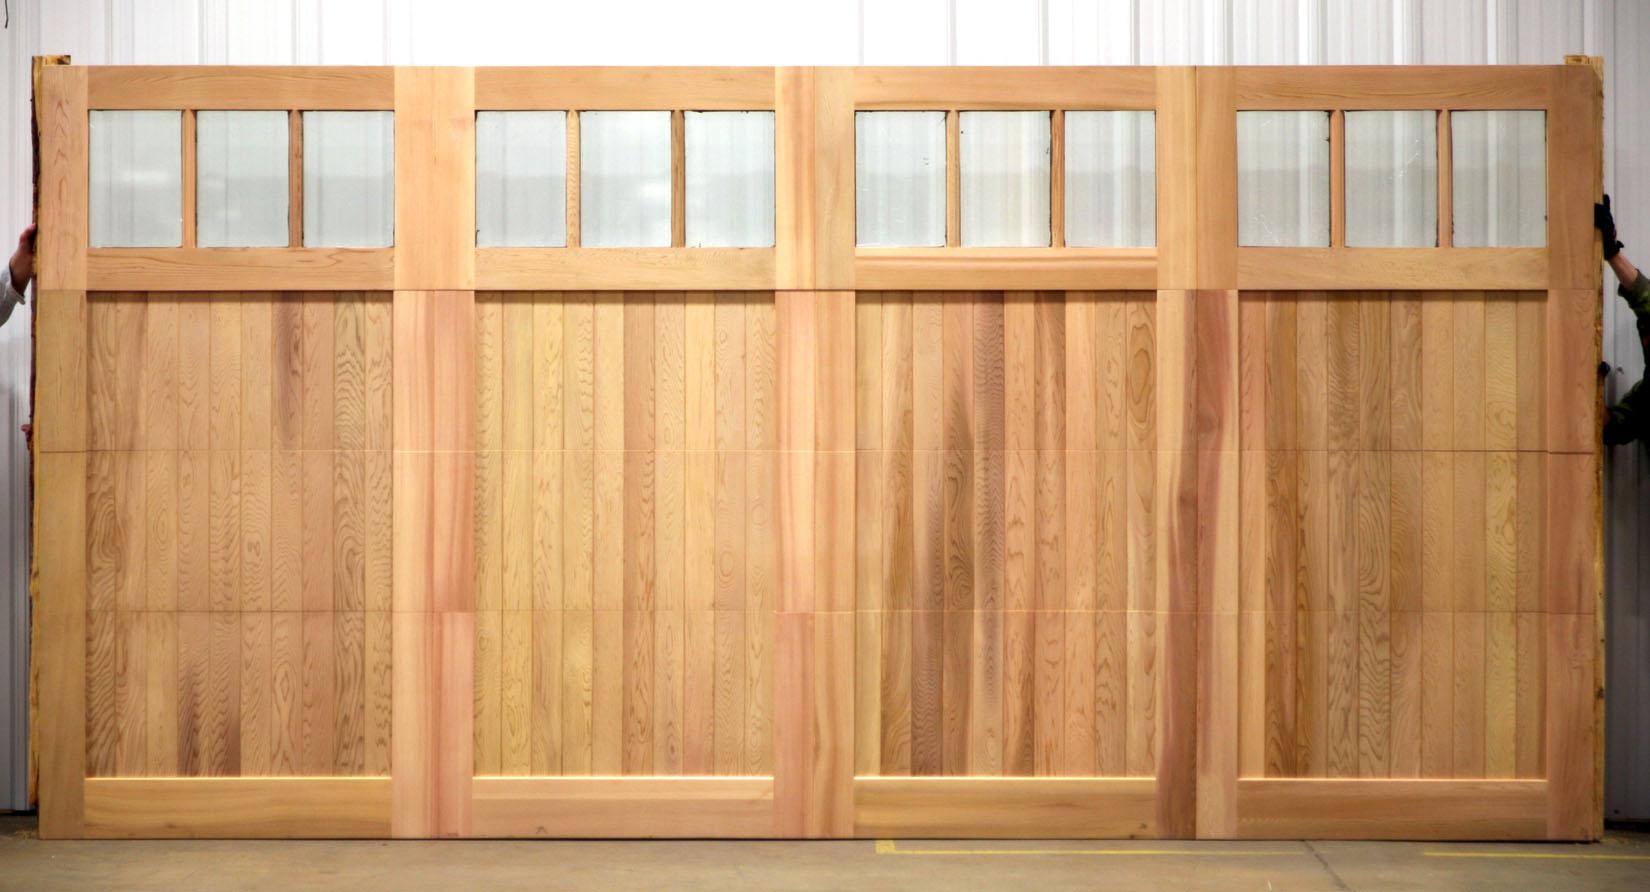 892 #AD6A1E Garage Door In Cedar picture/photo Overhead Garage Doors 38291650